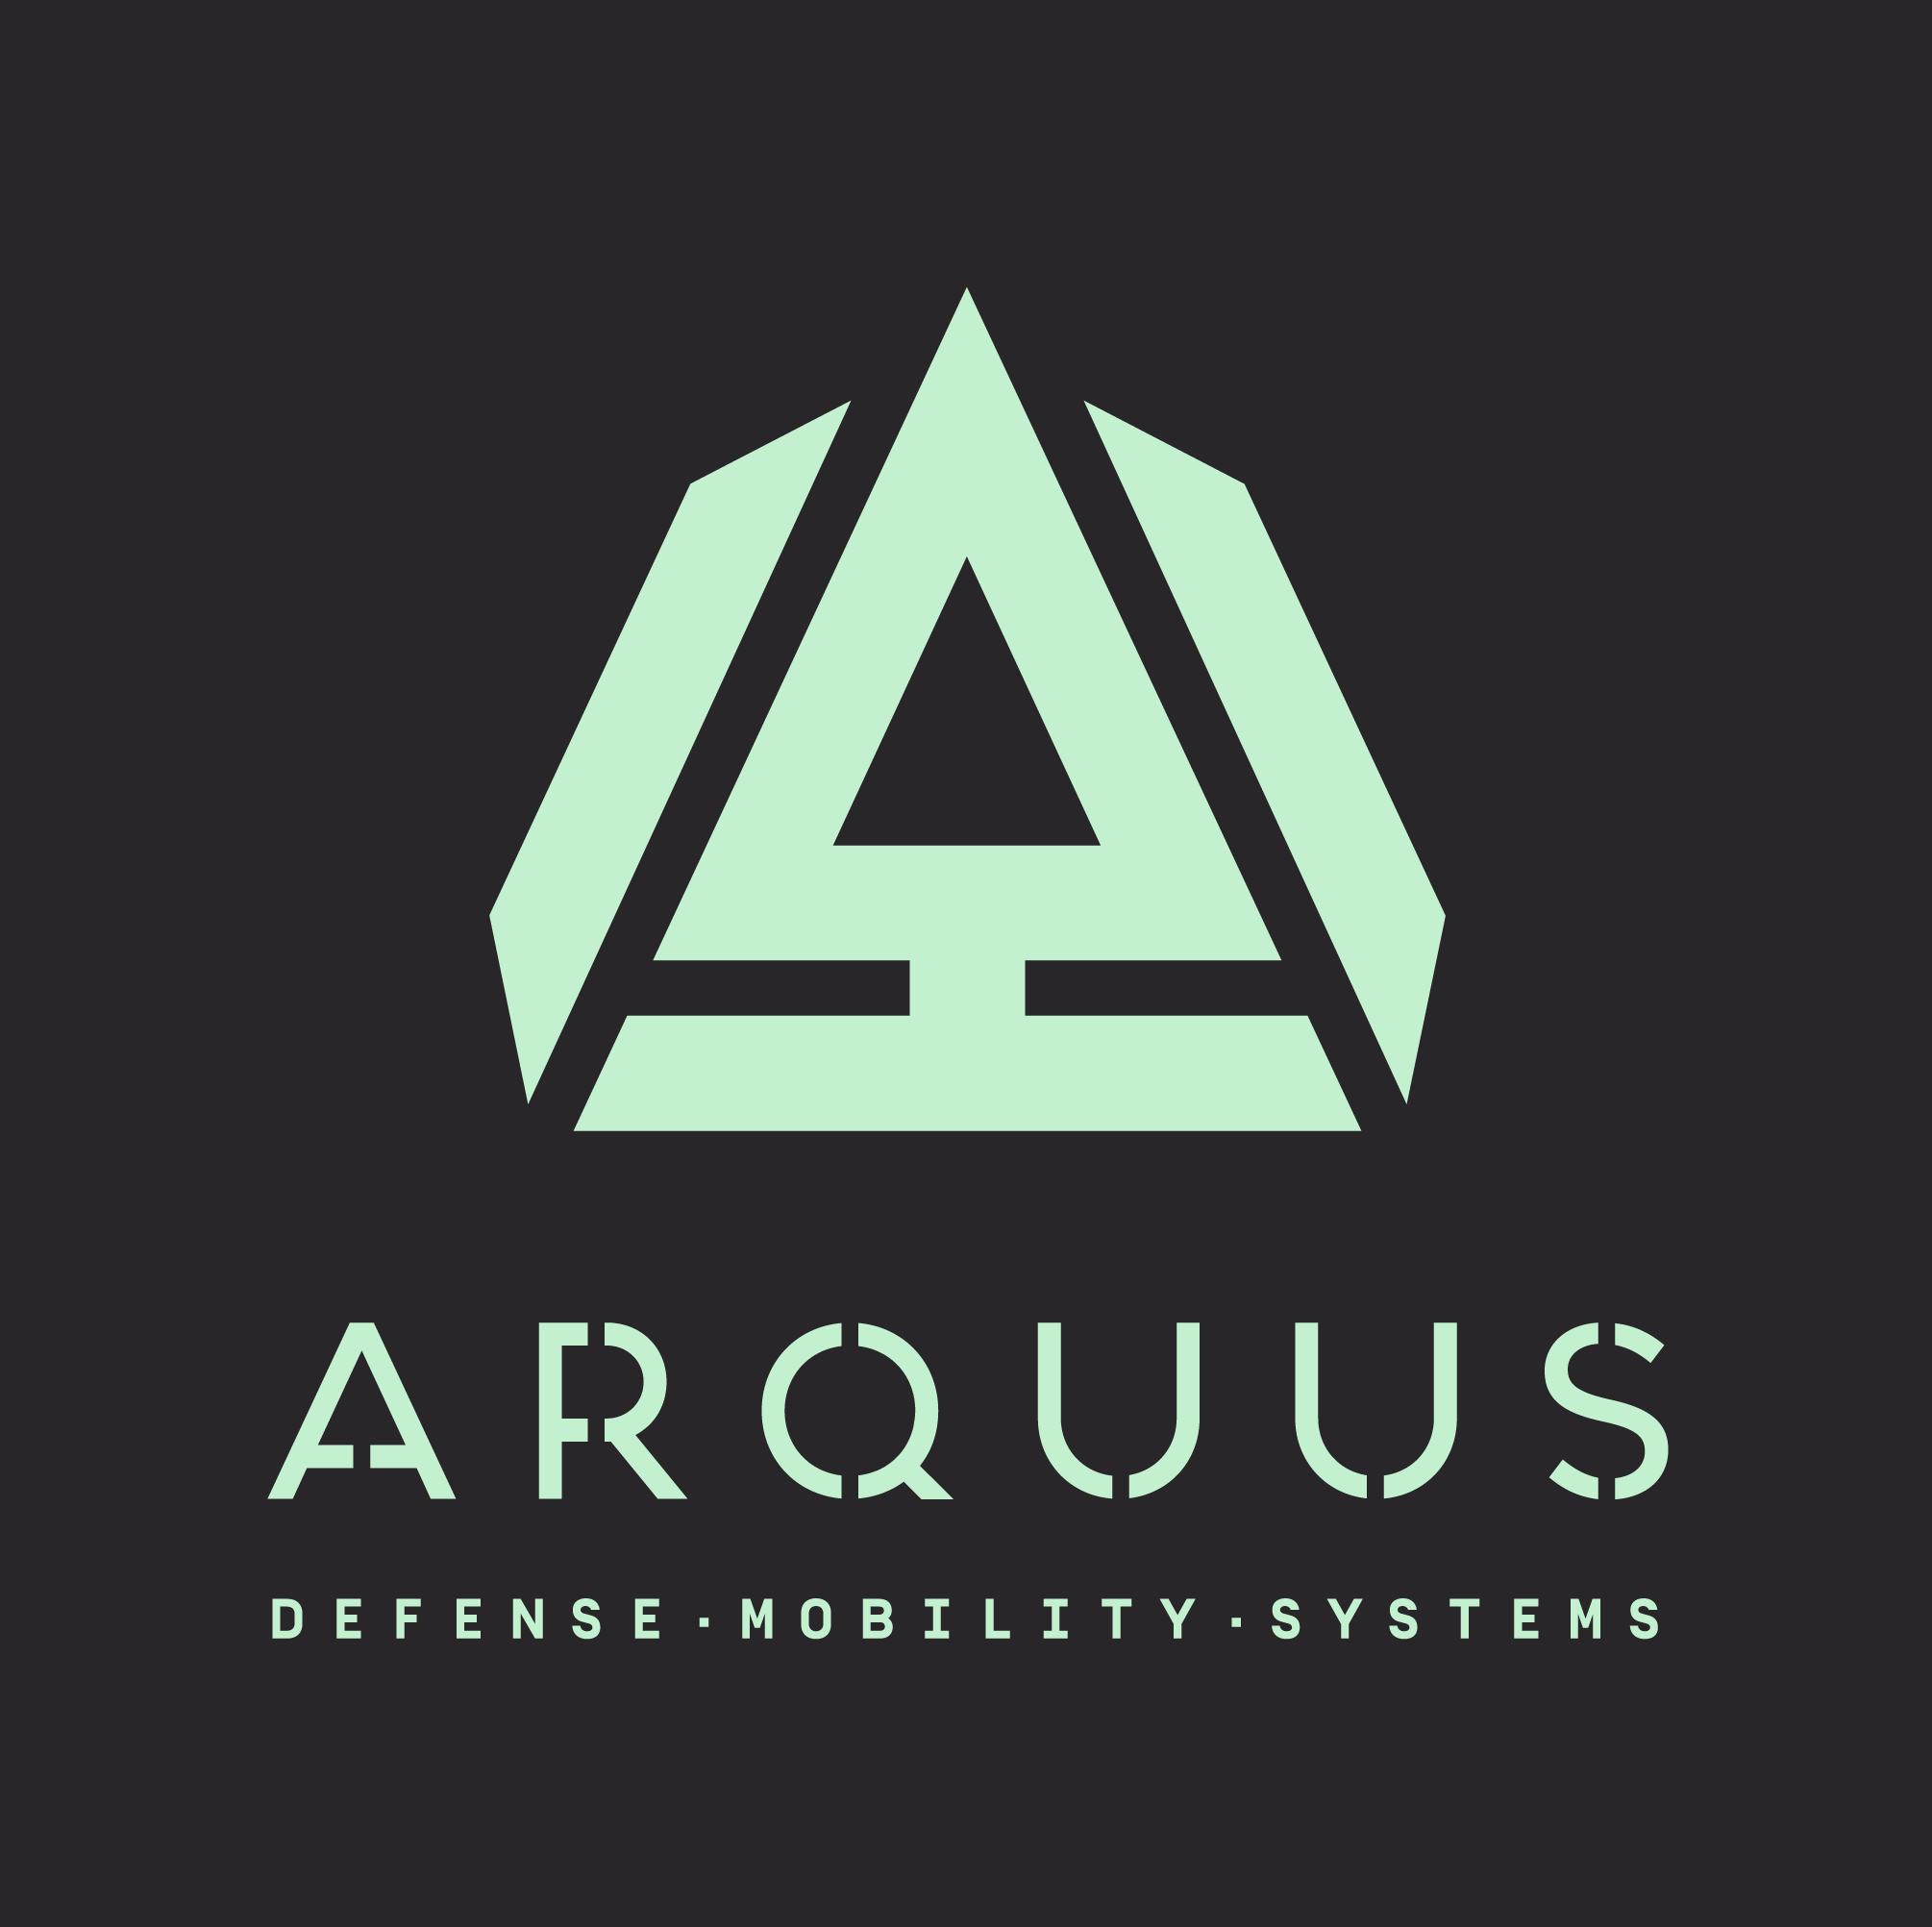 ARQUUS